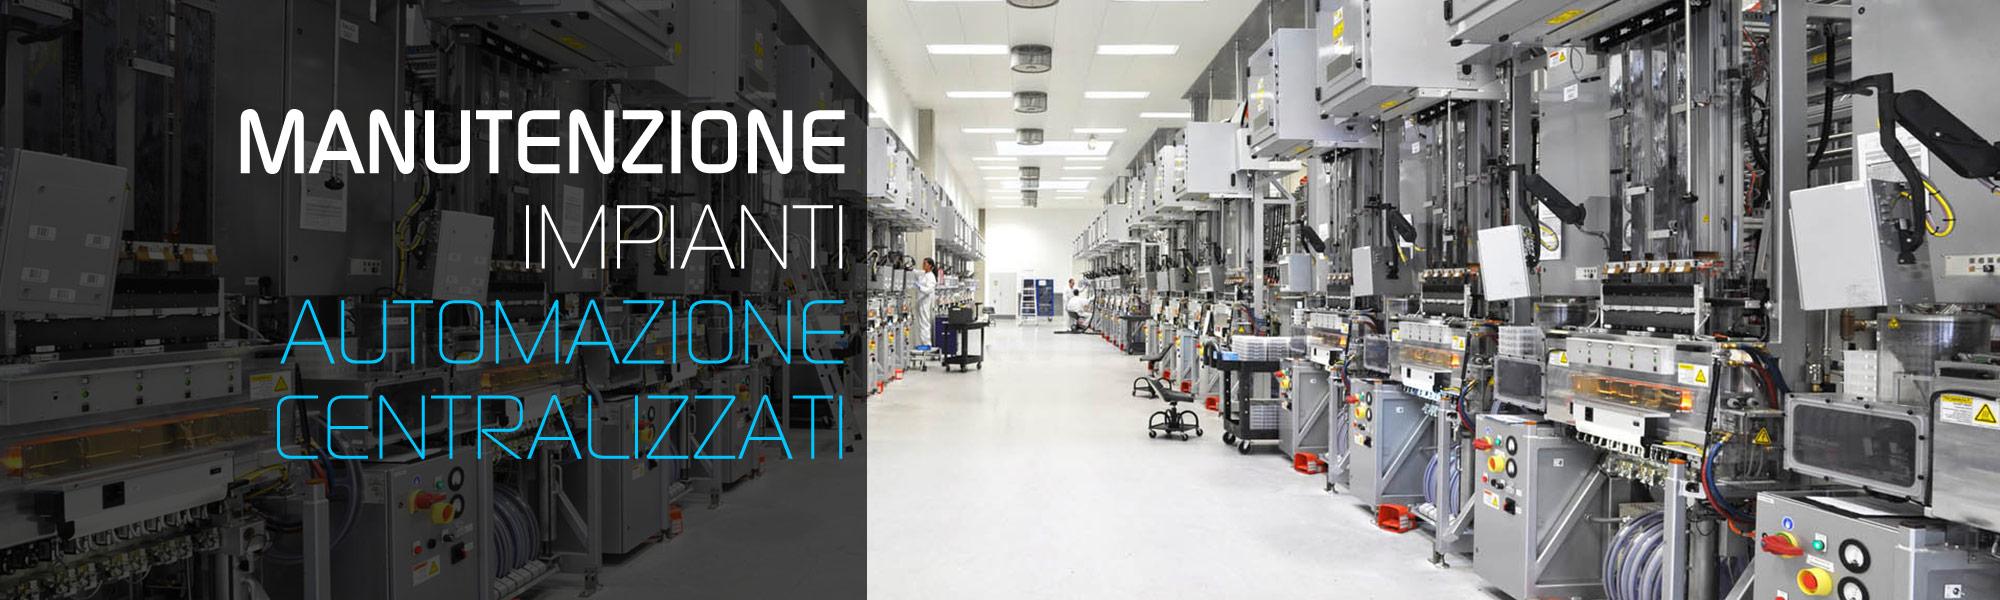 home3-impianti-automazione-centralizzati